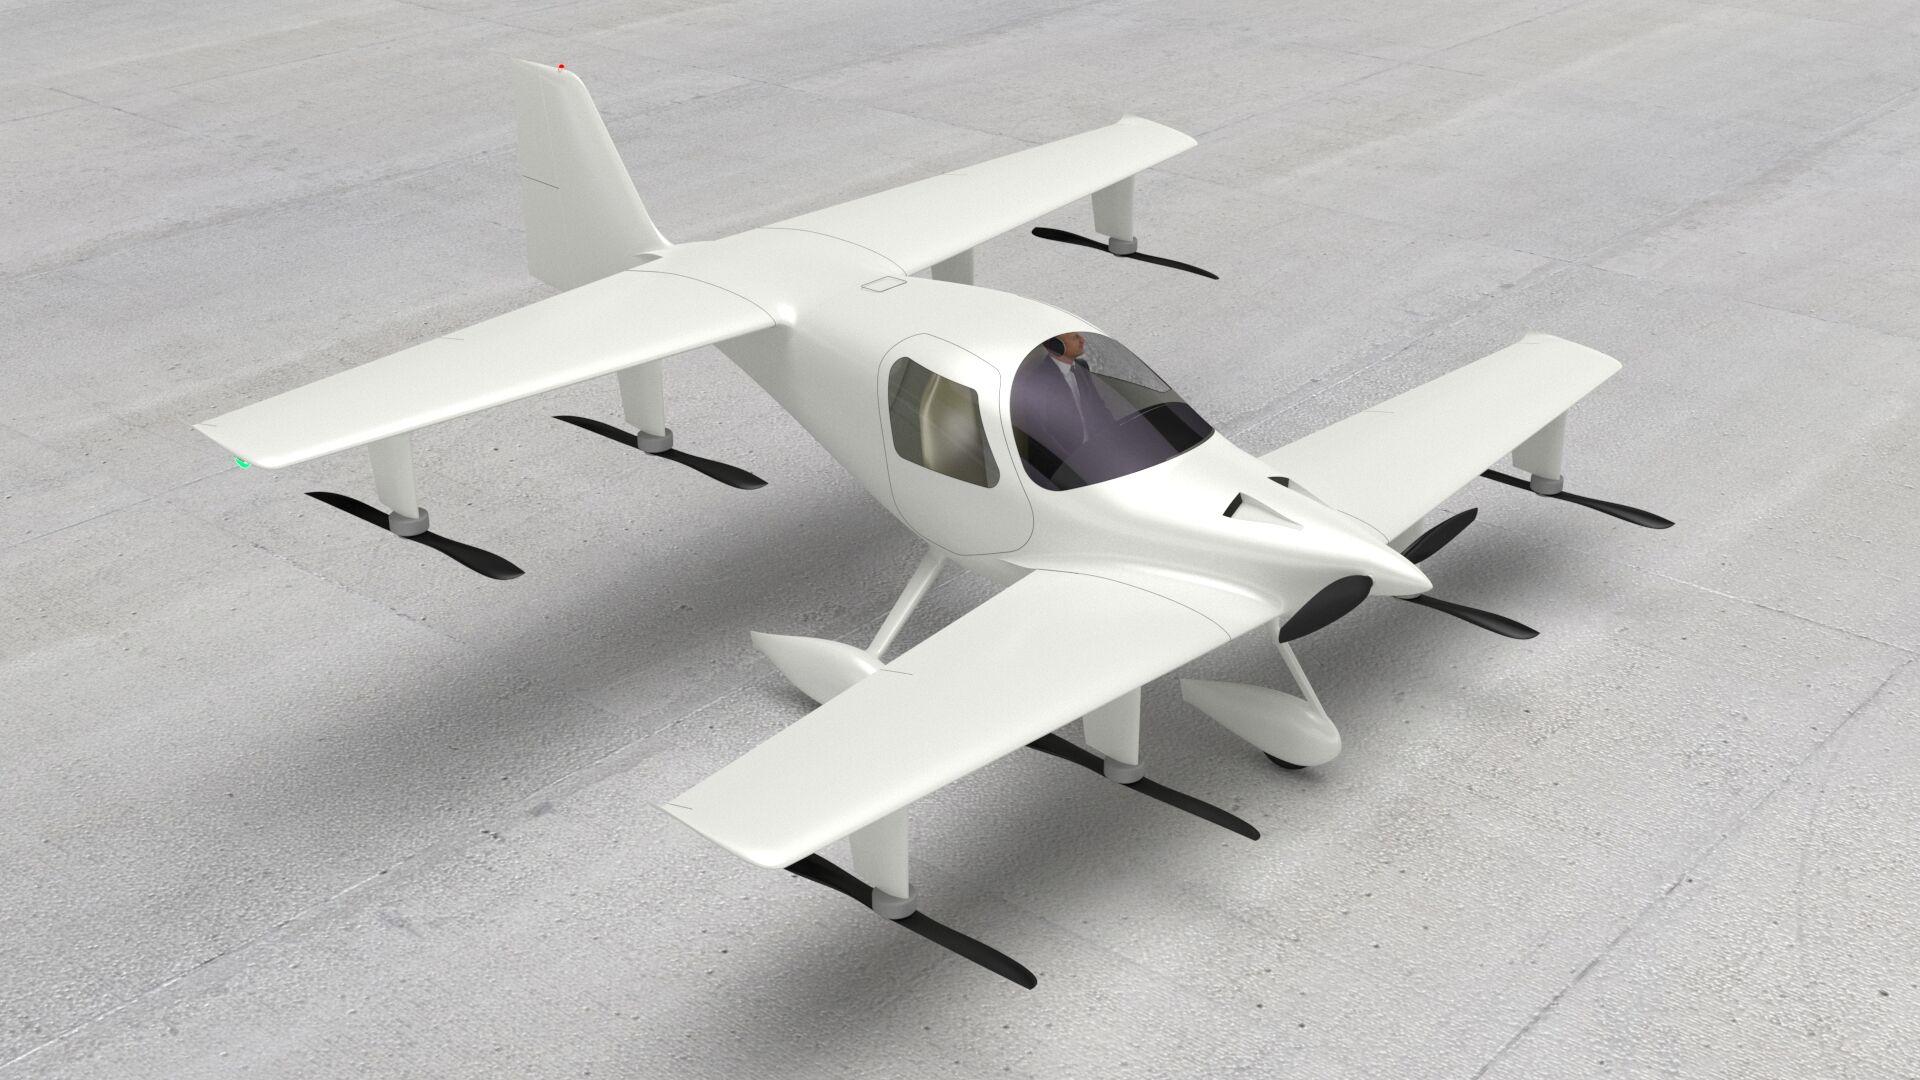 Flyter 720-200 eVTOL